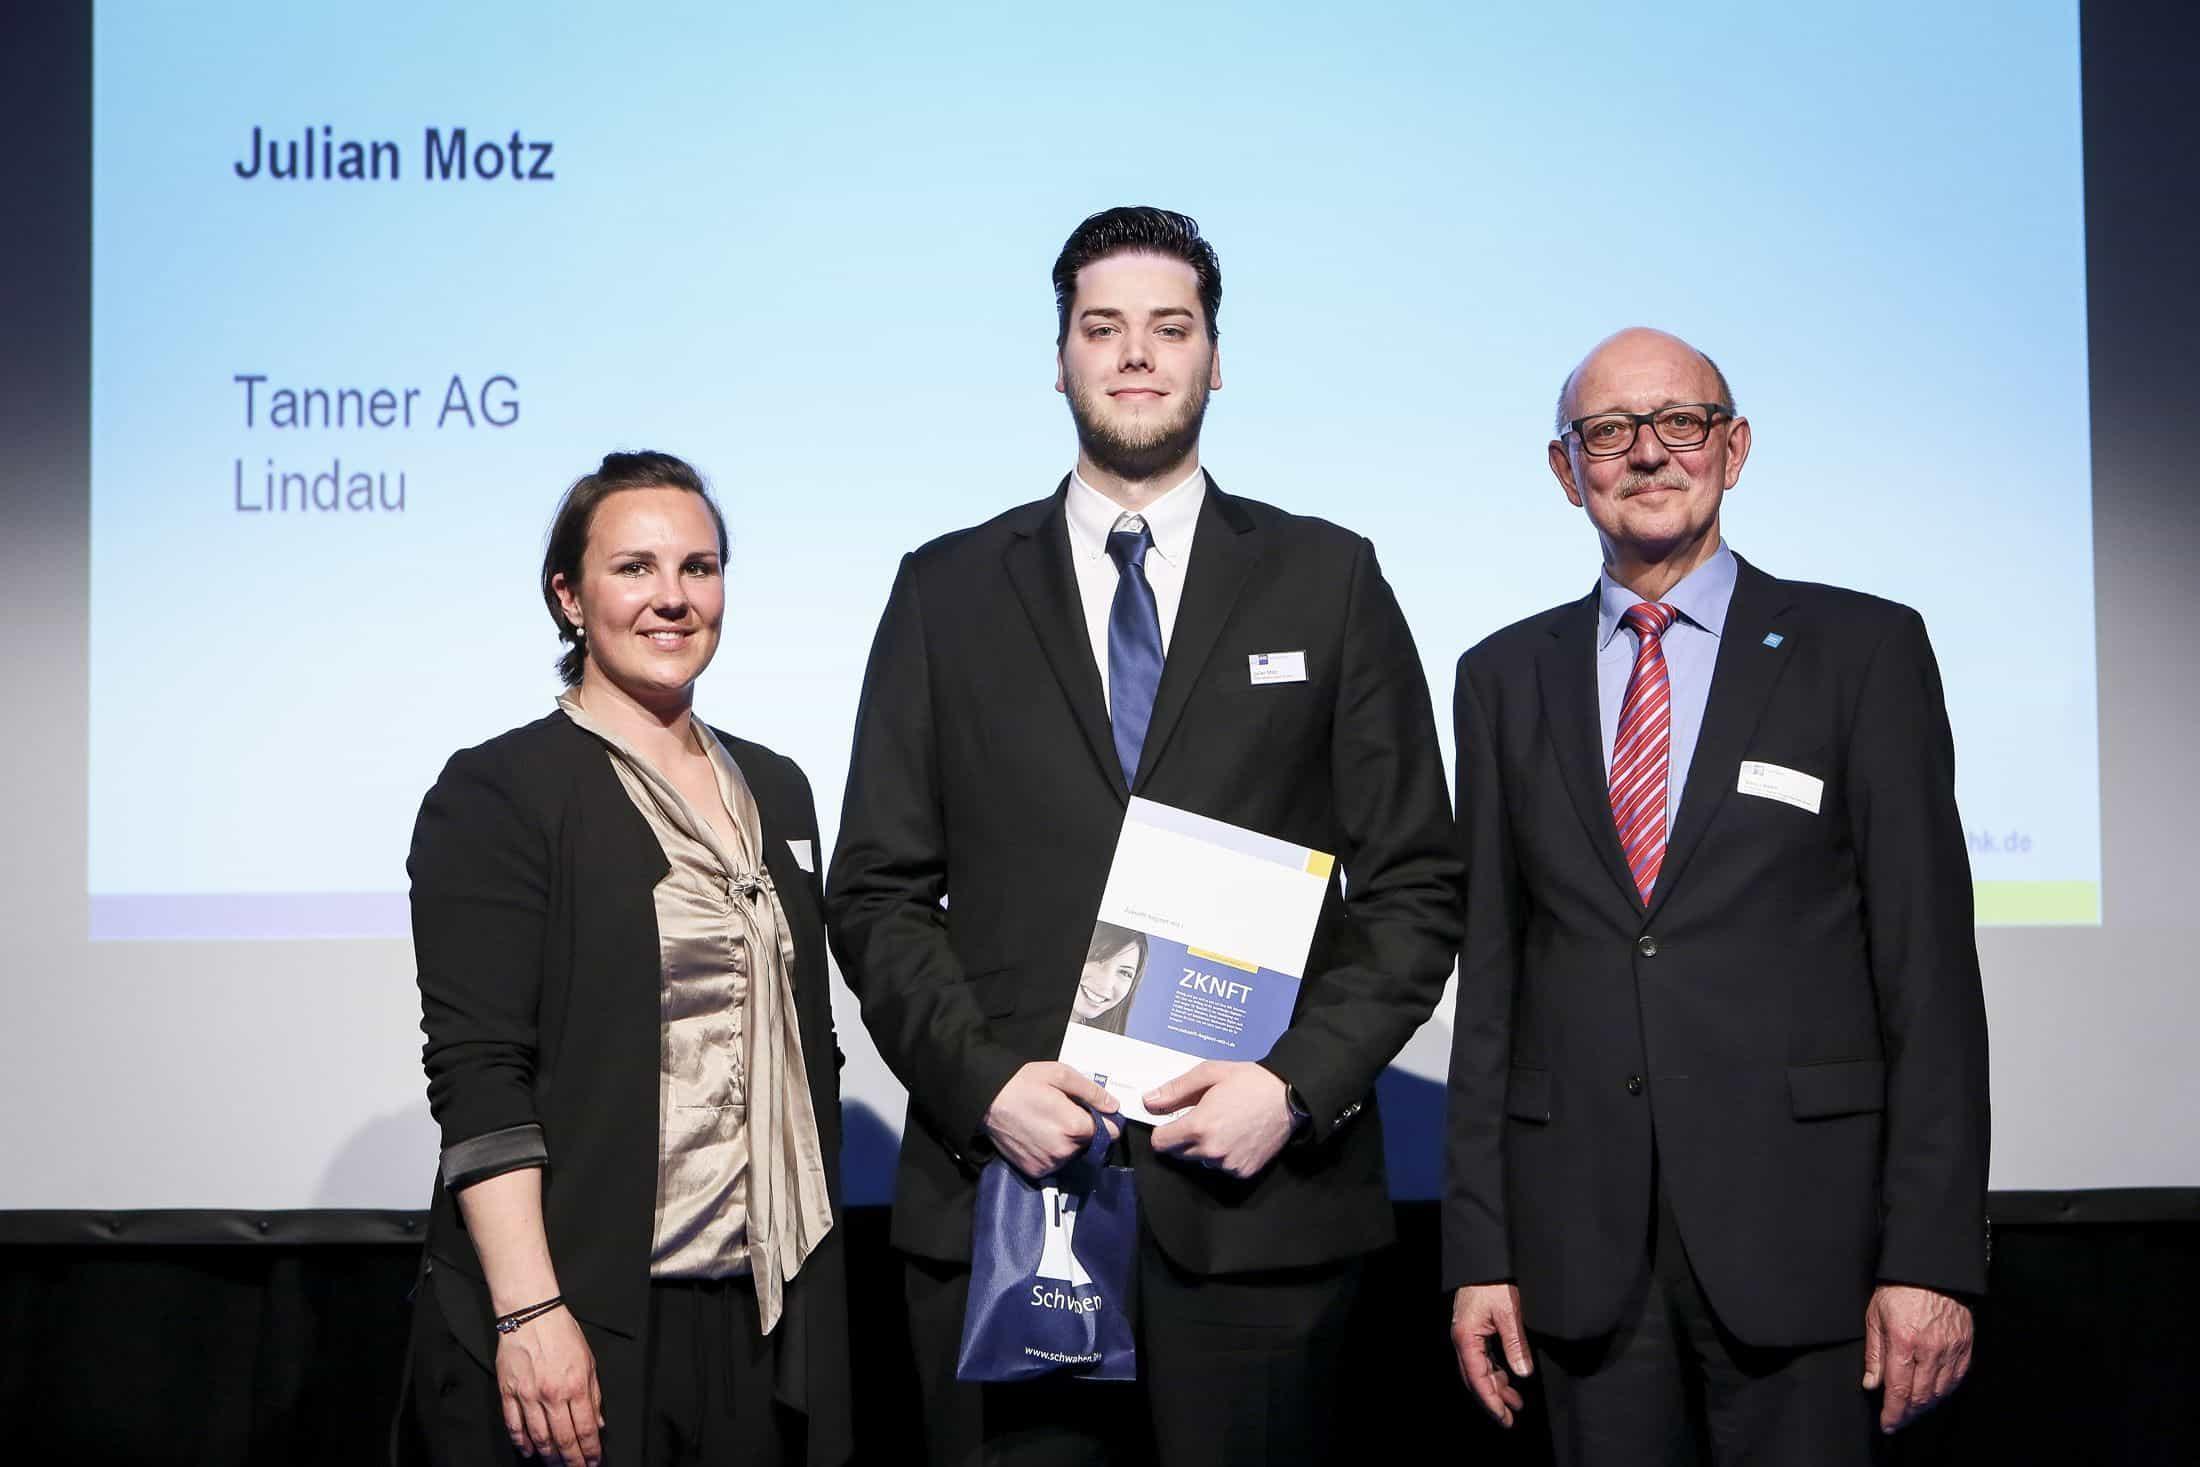 IHK-Auszeichnung für Julian Motz